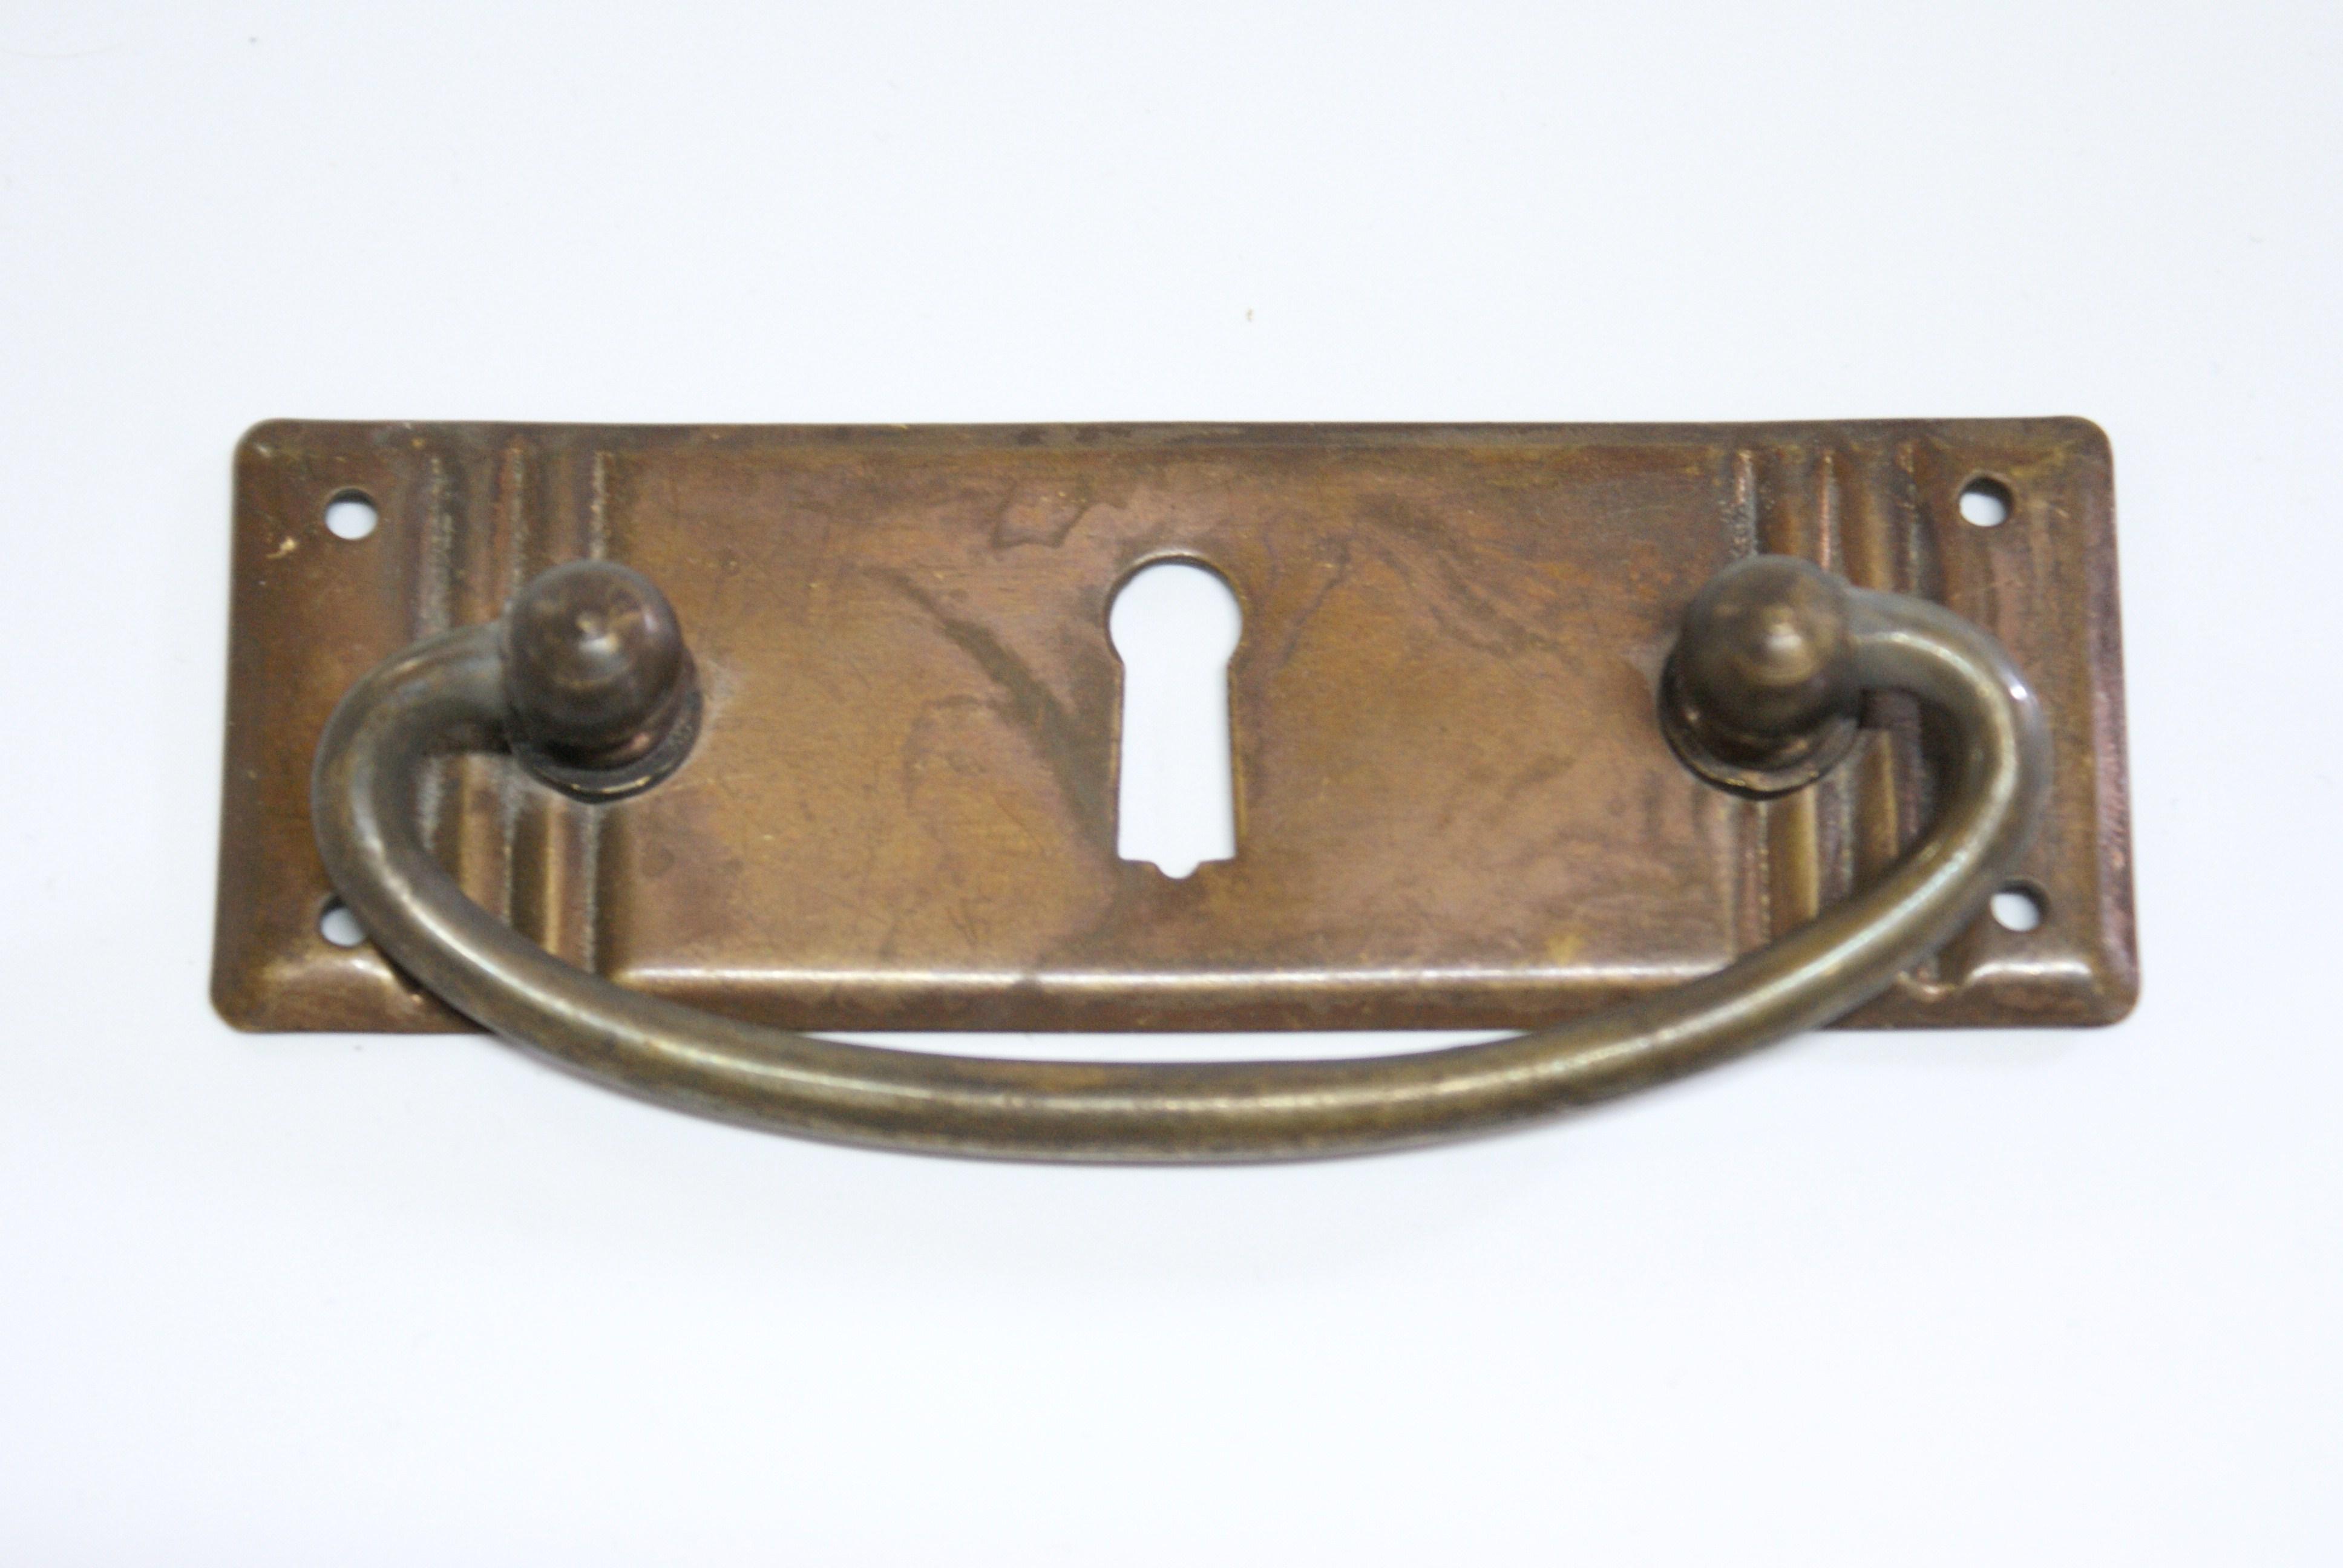 Gründerzeit meubelgreep met sleutelgat